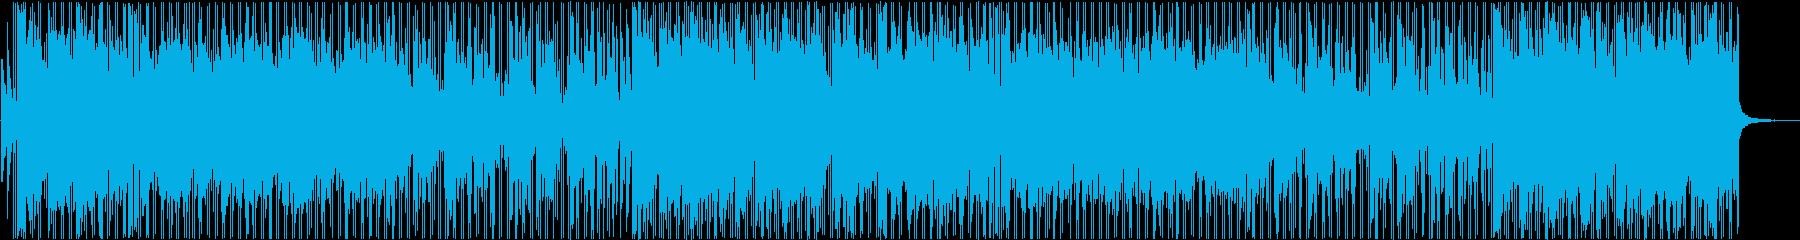 カートレースに合いそうな砂漠系BGMの再生済みの波形